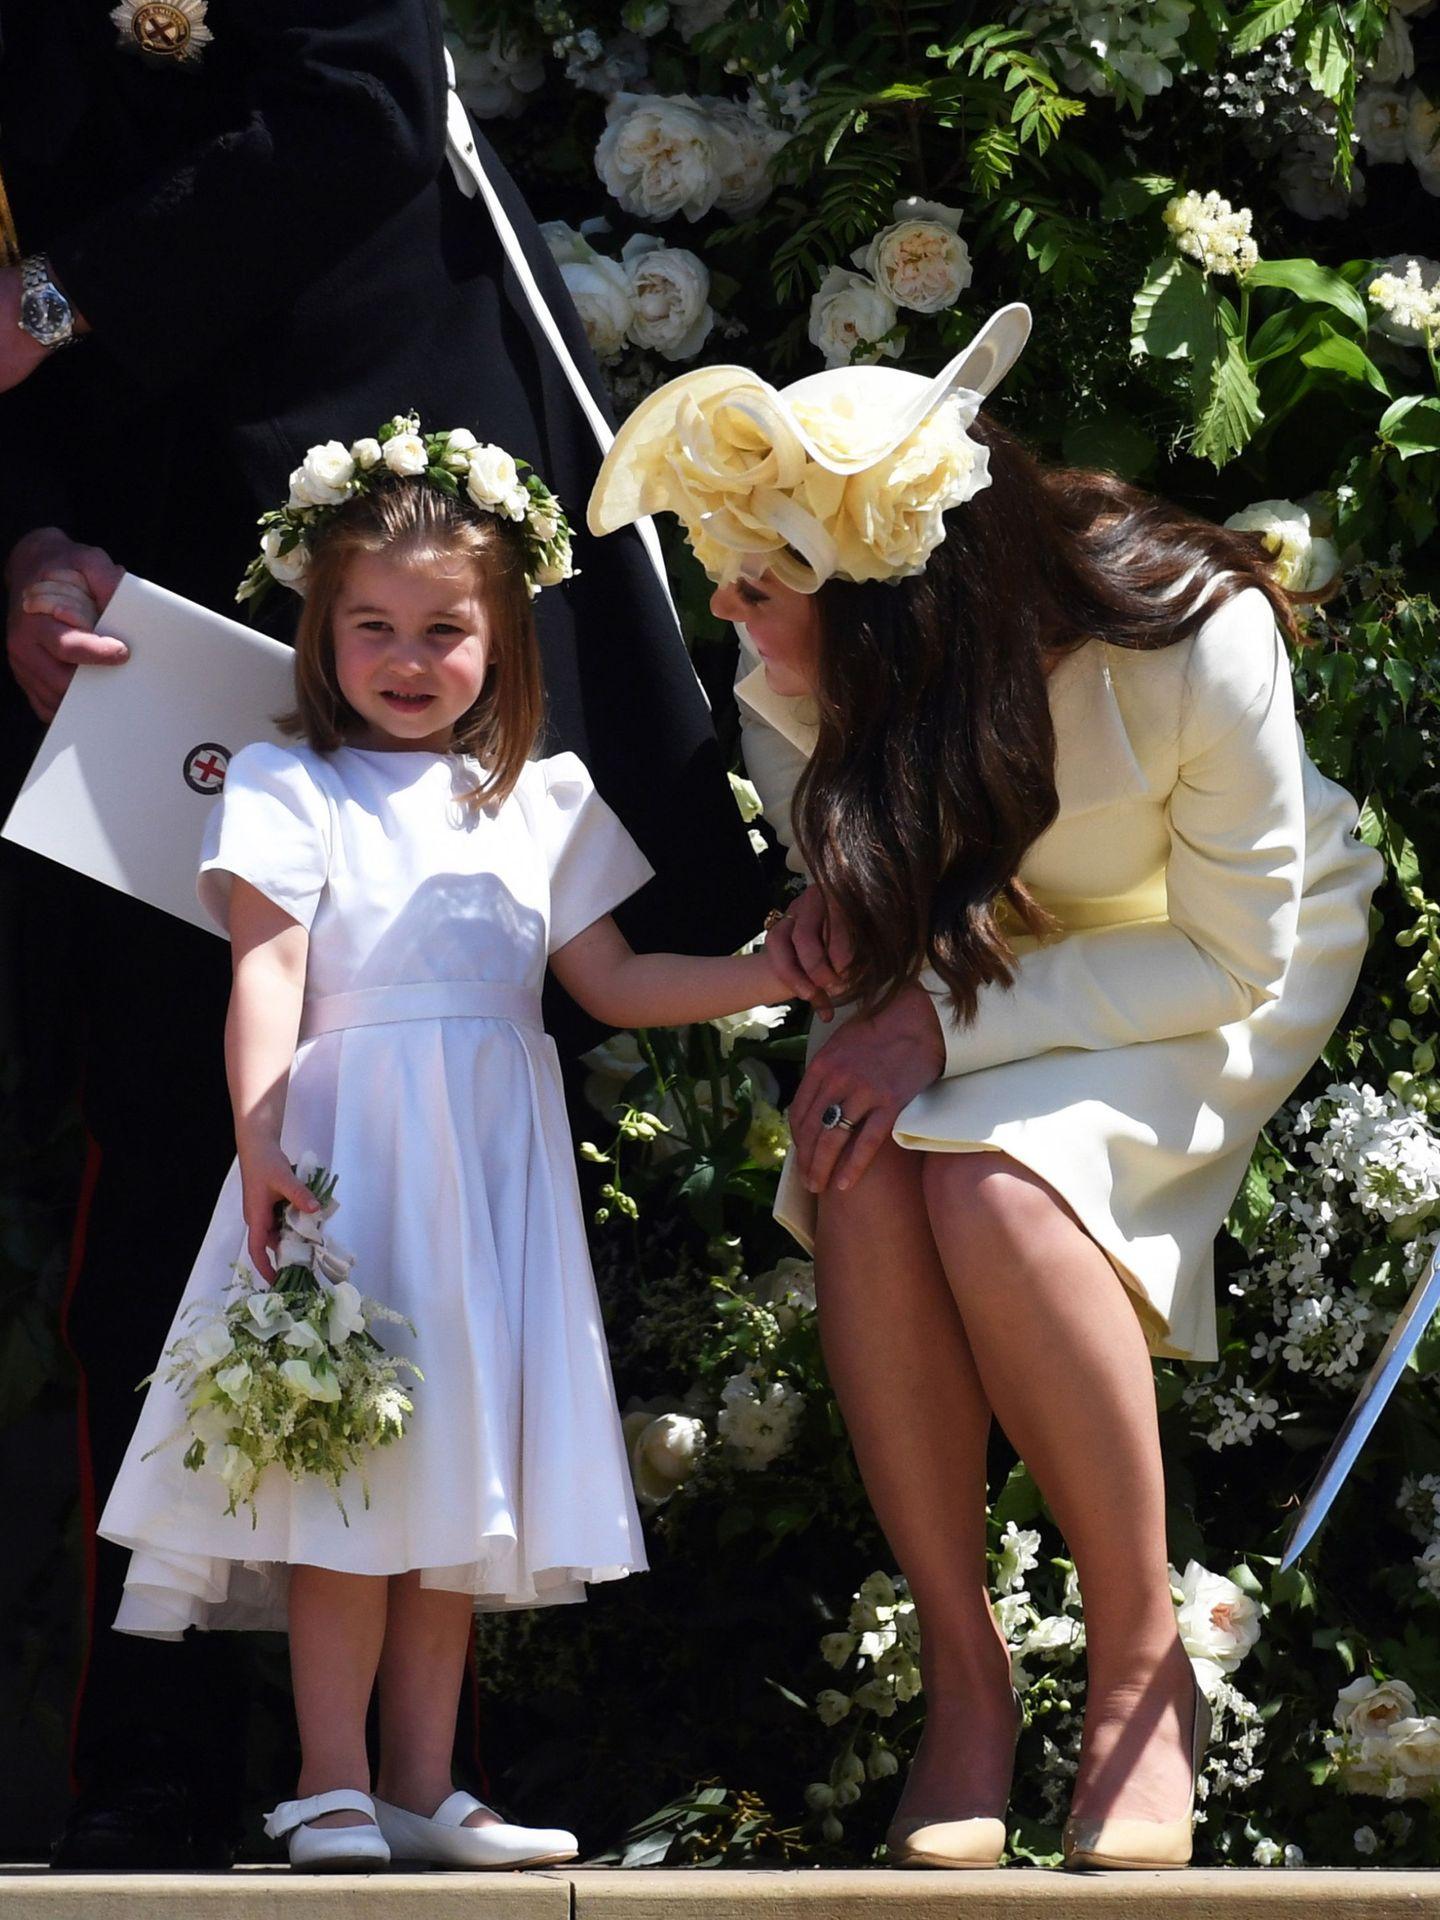 La princesa Charlotte (sin medias), junto a Kate Middleton el día de la boda de los Sussex. (EFE)